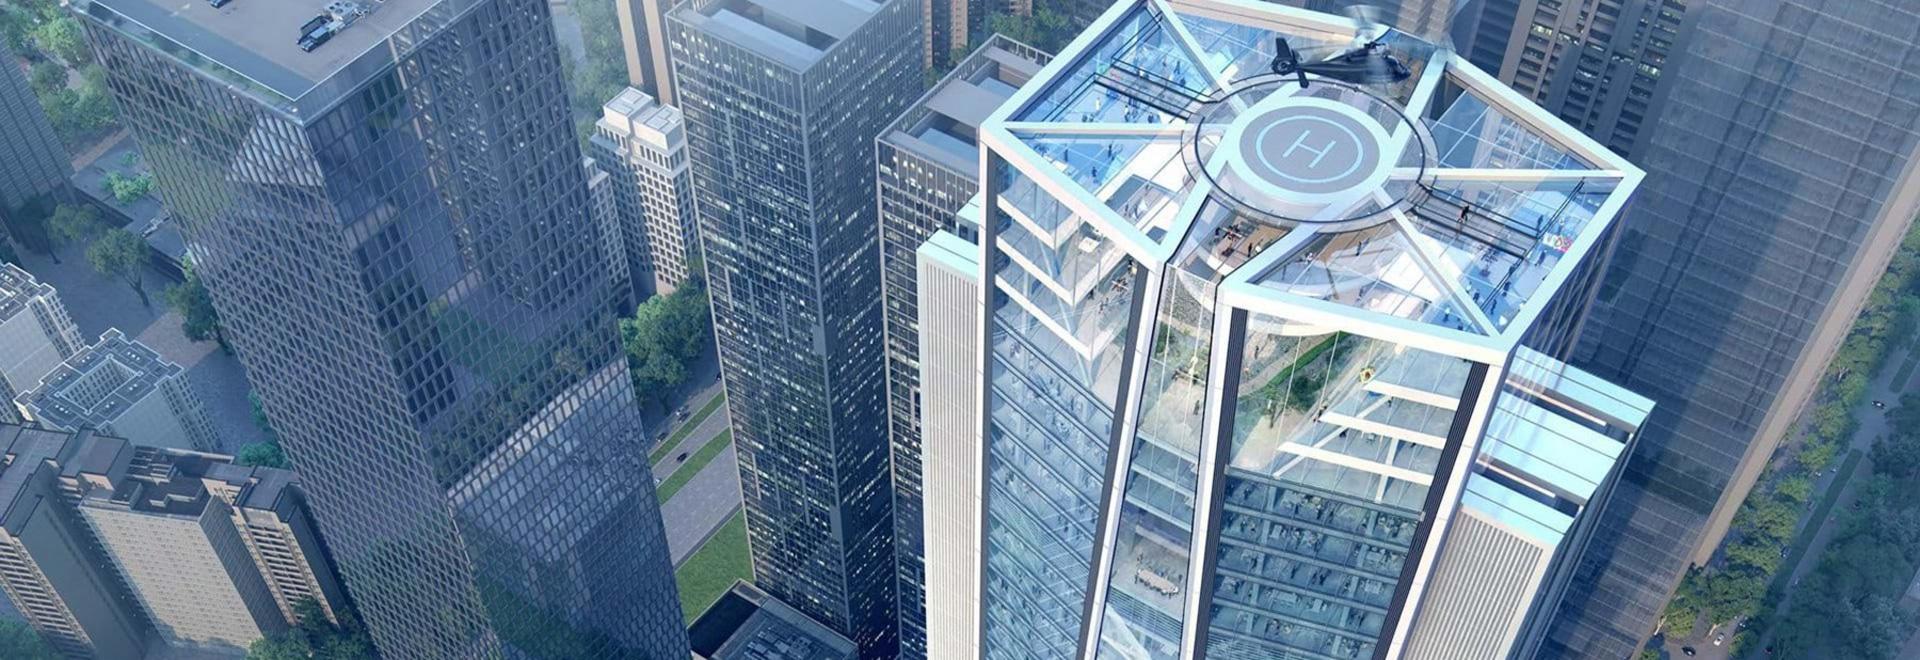 adottivo + grattacielo di progettazioni dei partner per la banca di commercianti della porcellana a Shenzhen